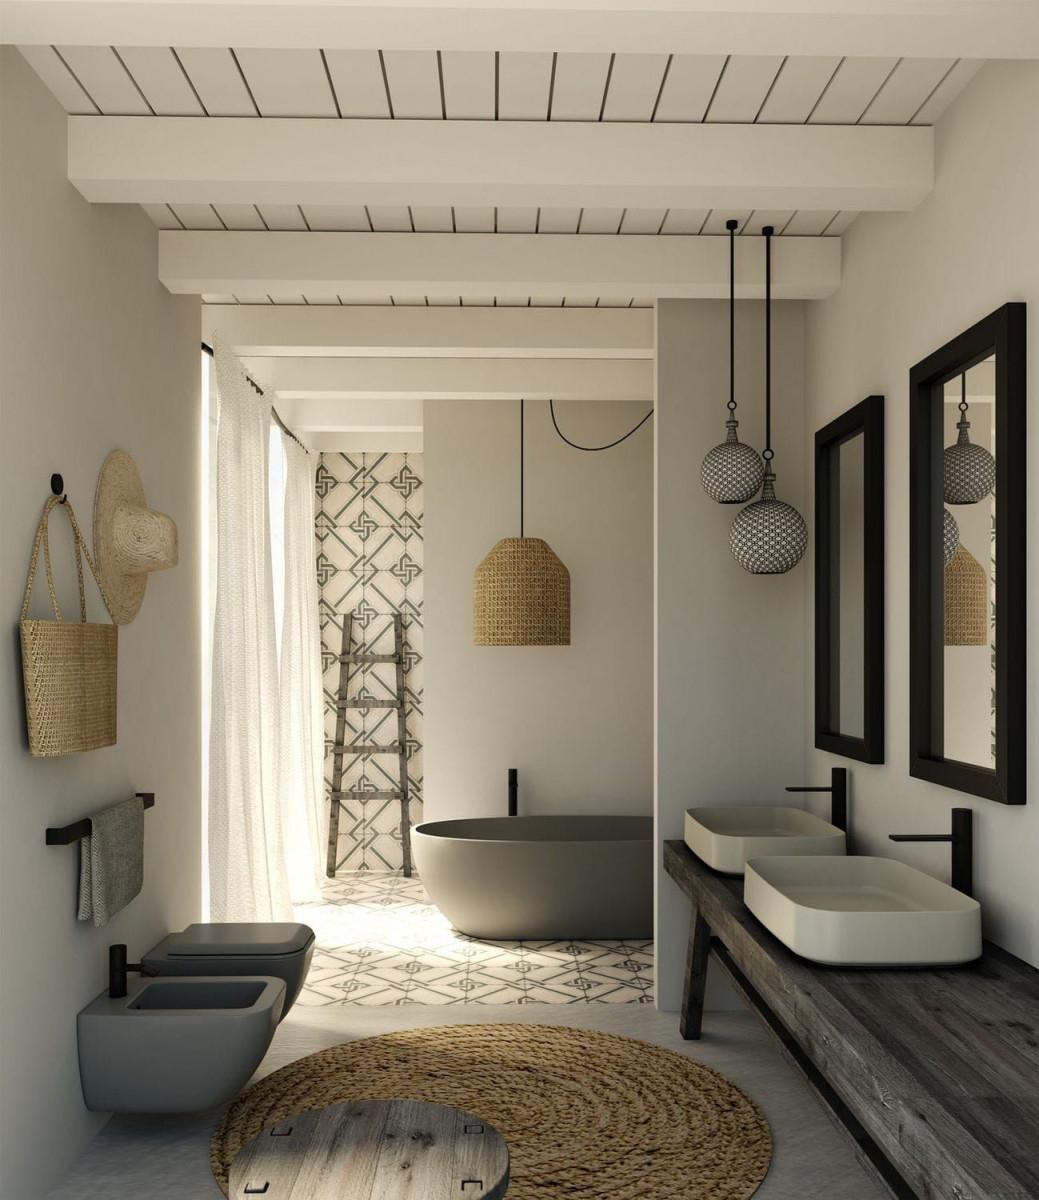 Hängendtoilette  Aus Keramik Shui Comfort  Pomice von Hängende Deko Wohnzimmer Bild